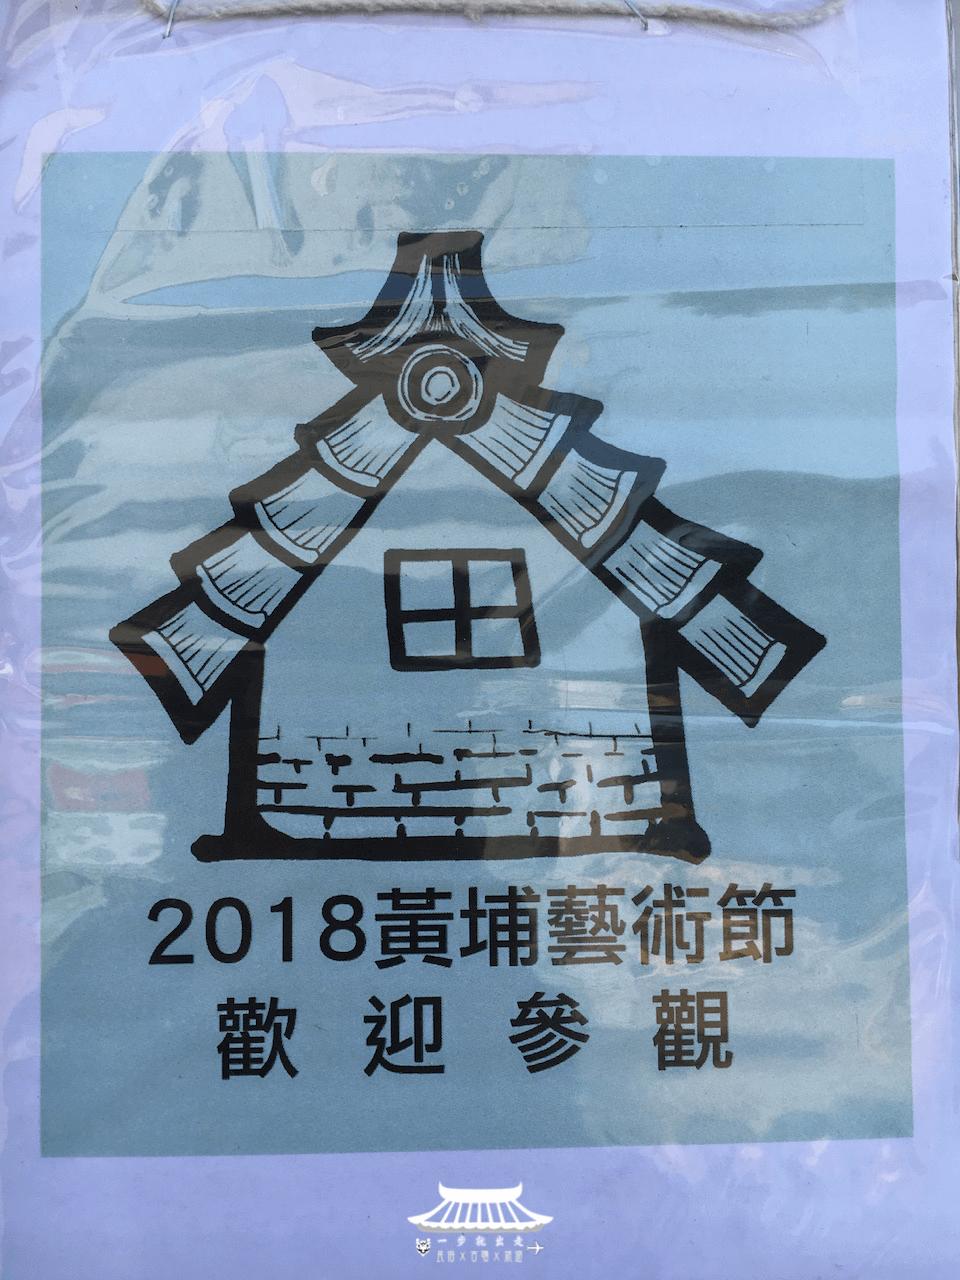 第一屆黃埔藝術節